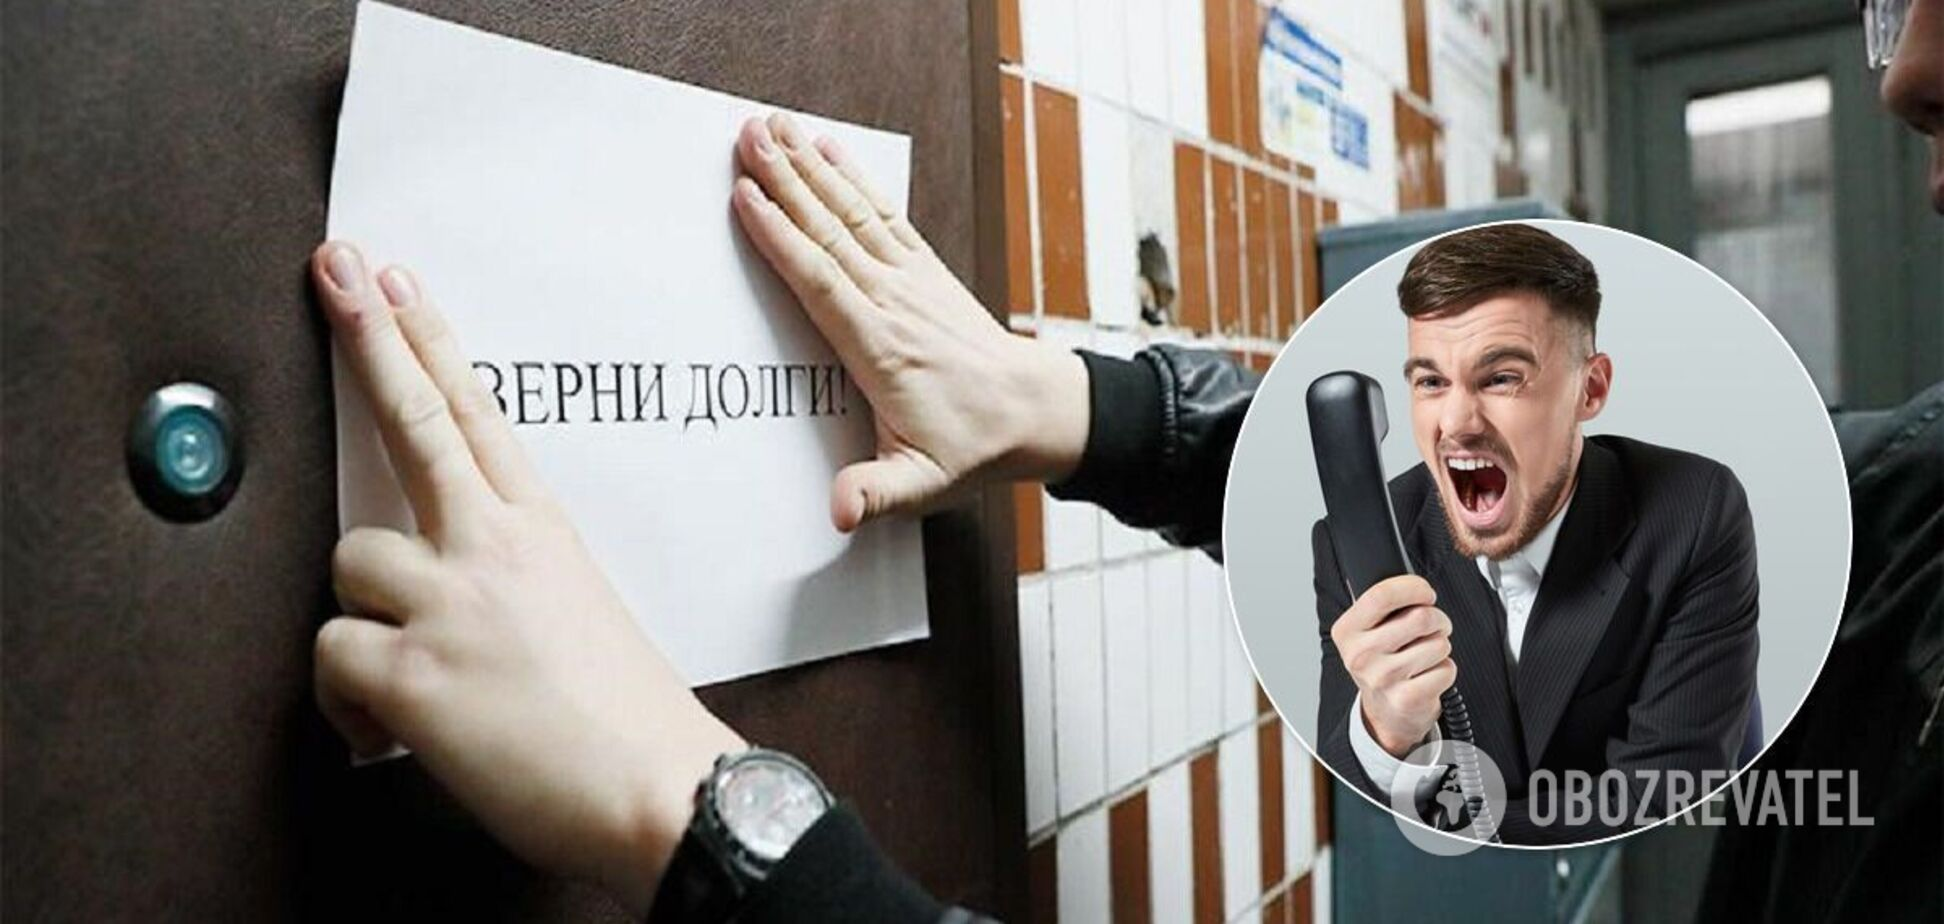 В Україні активізувалися колектори: розсилають порноколажі й погрожують 'розірвати'